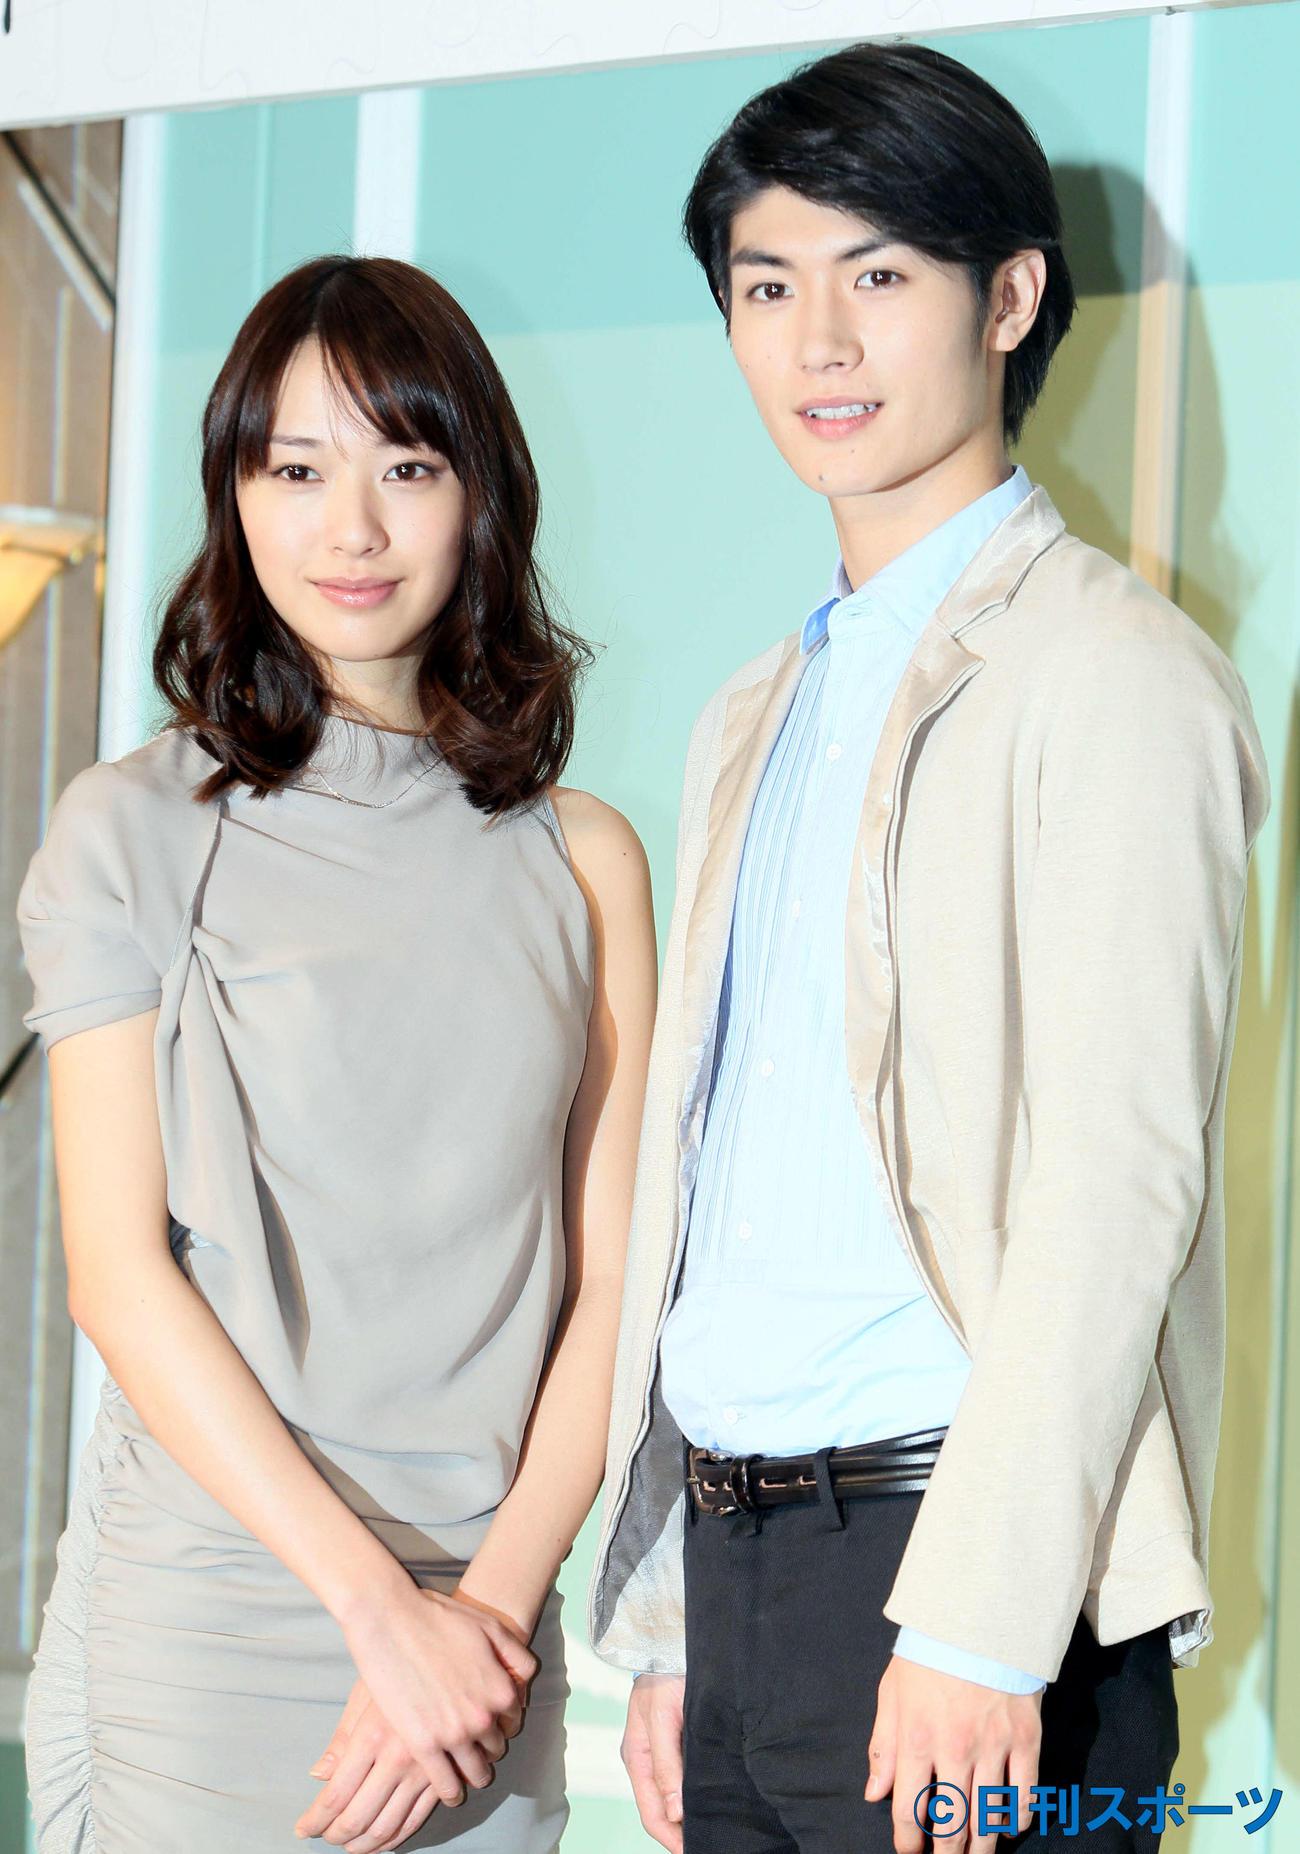 ドラマ「大切なことはすべて君が教えてくれた」の会見で記念撮影する戸田恵梨香(左)と三浦春馬さん(2011年1月5日撮影)